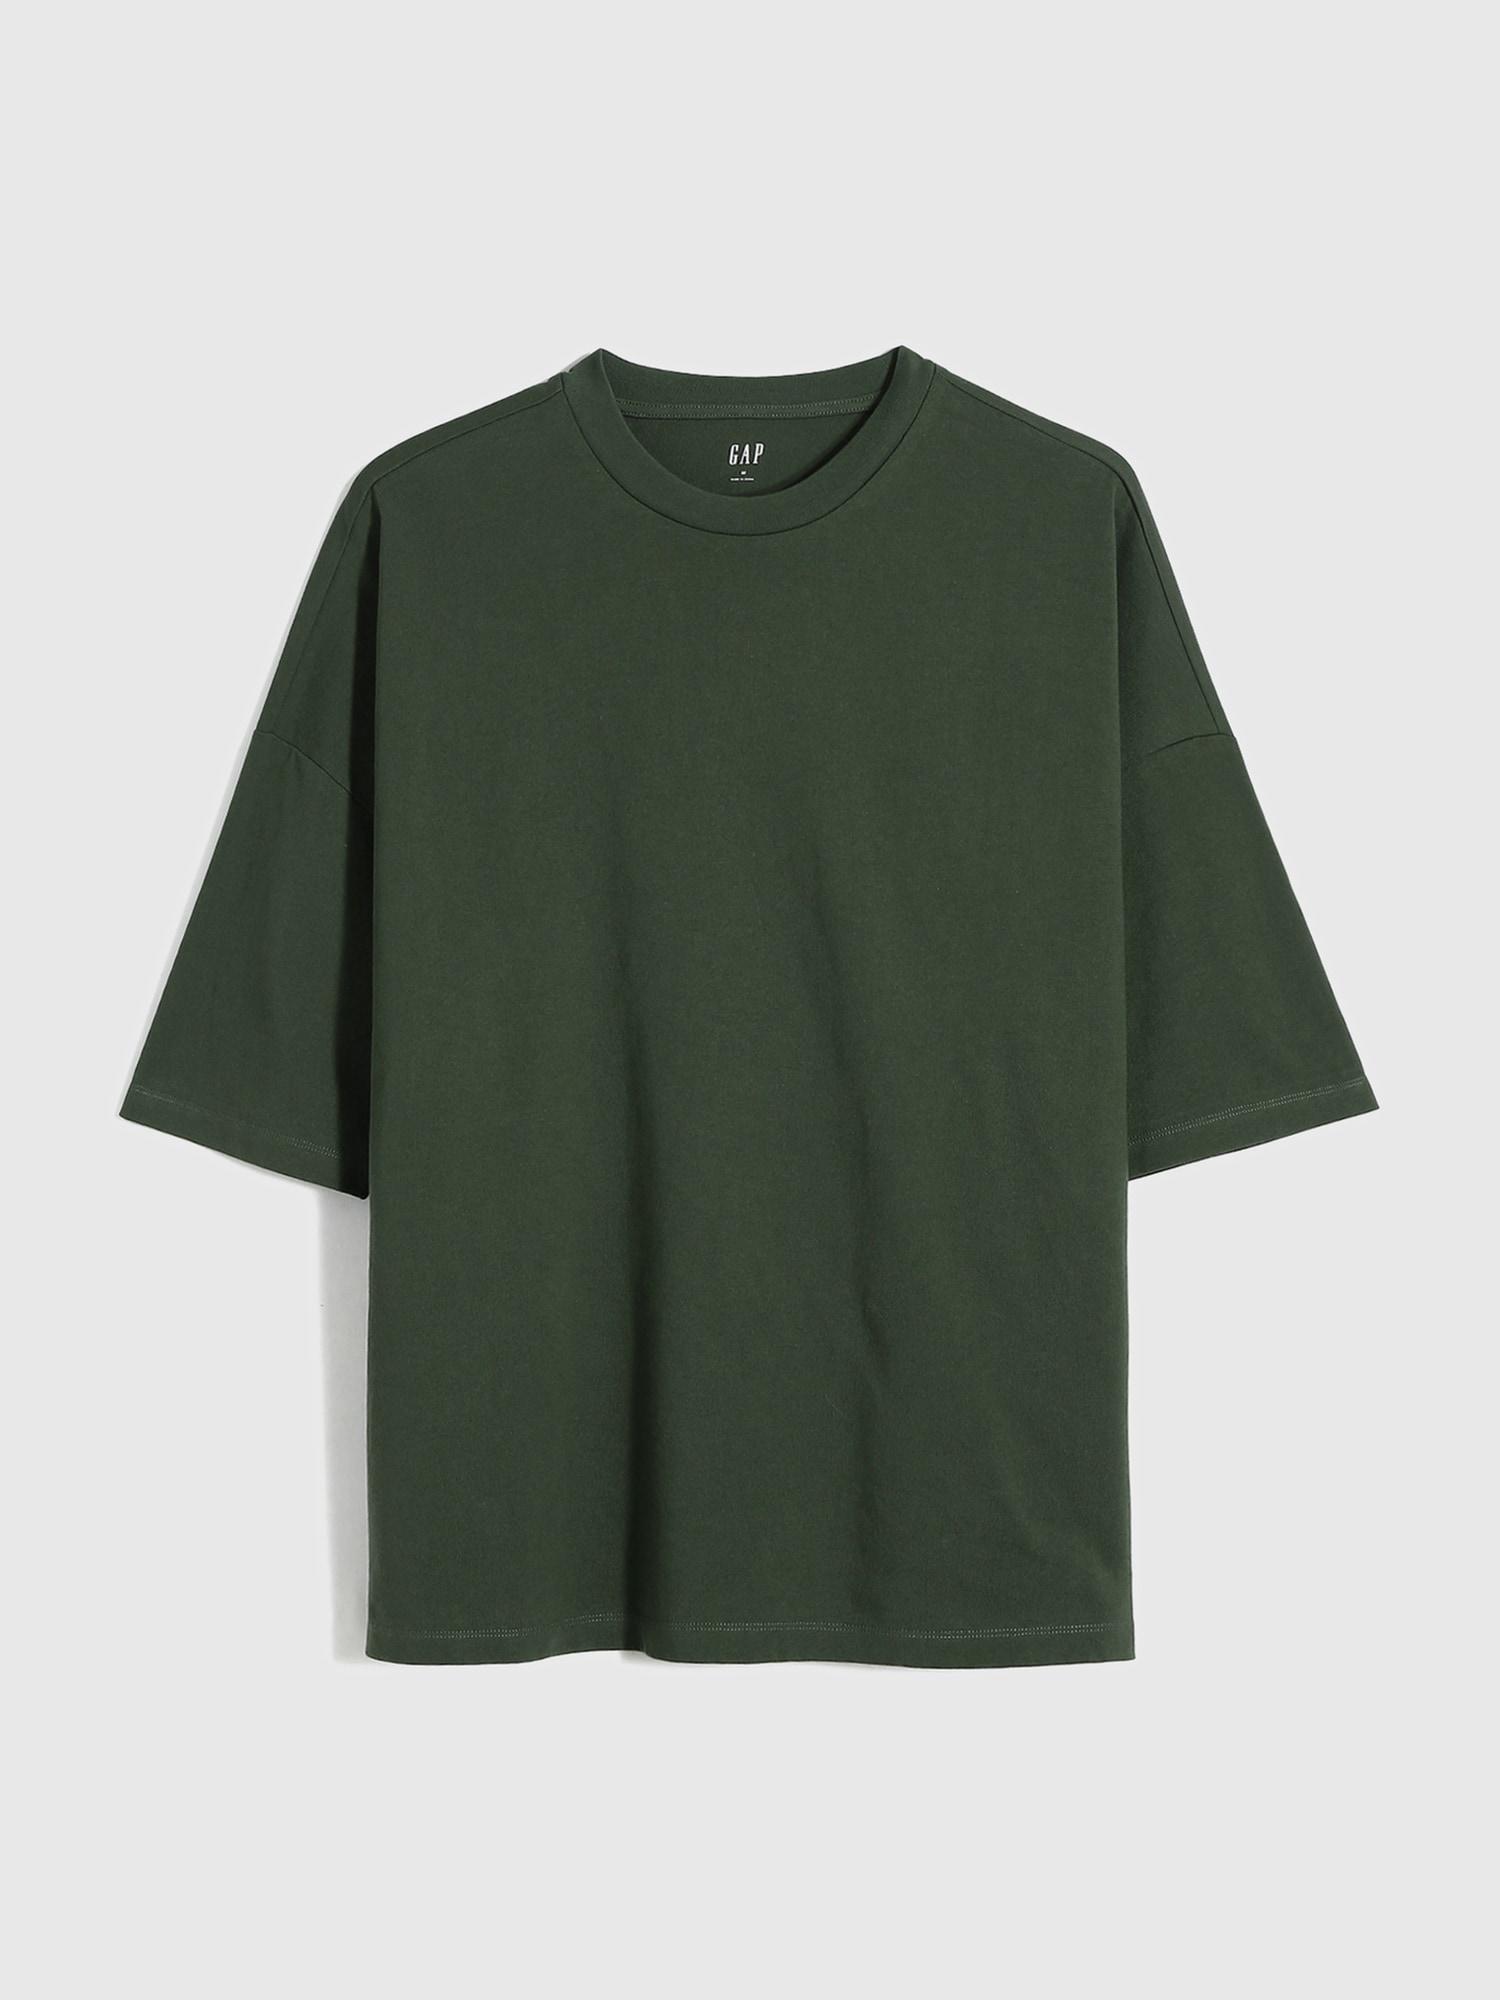 ヘビーウェイトイージーtシャツ